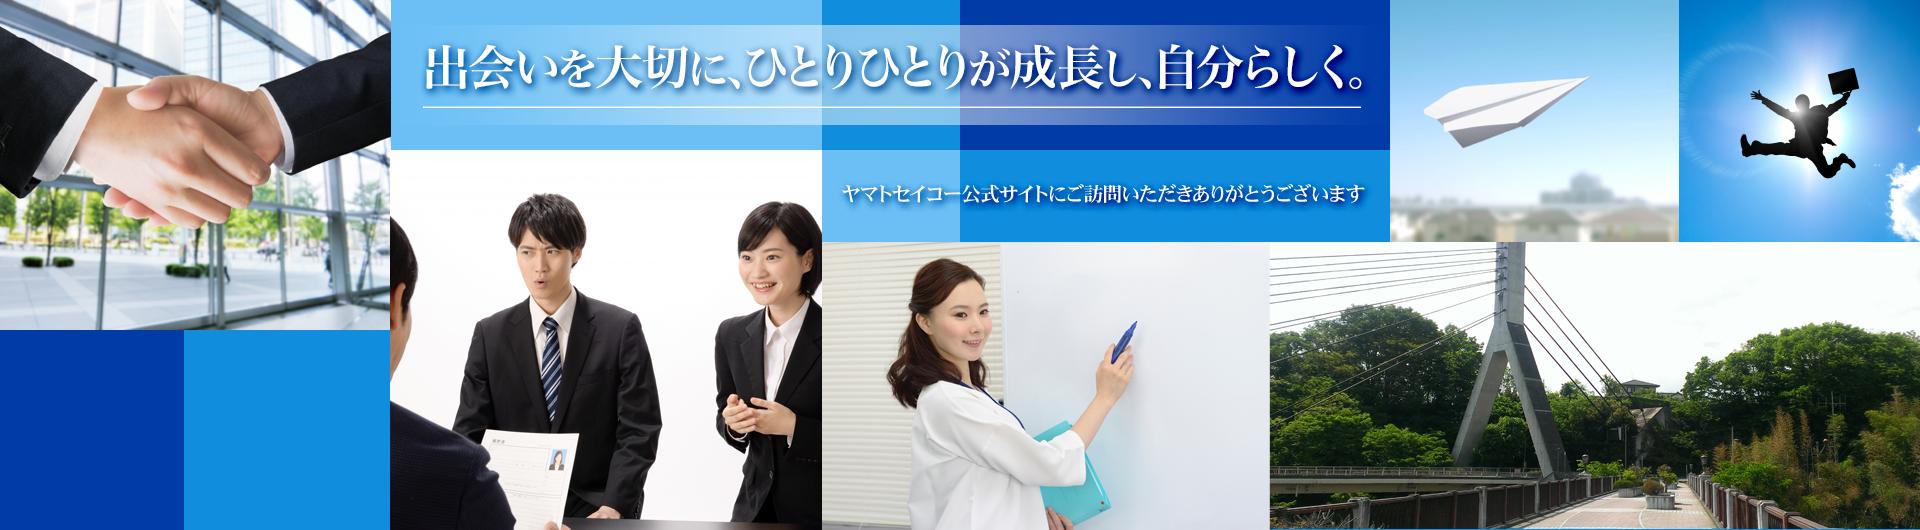 ヤマトセイコー株式会社:メインイメージ